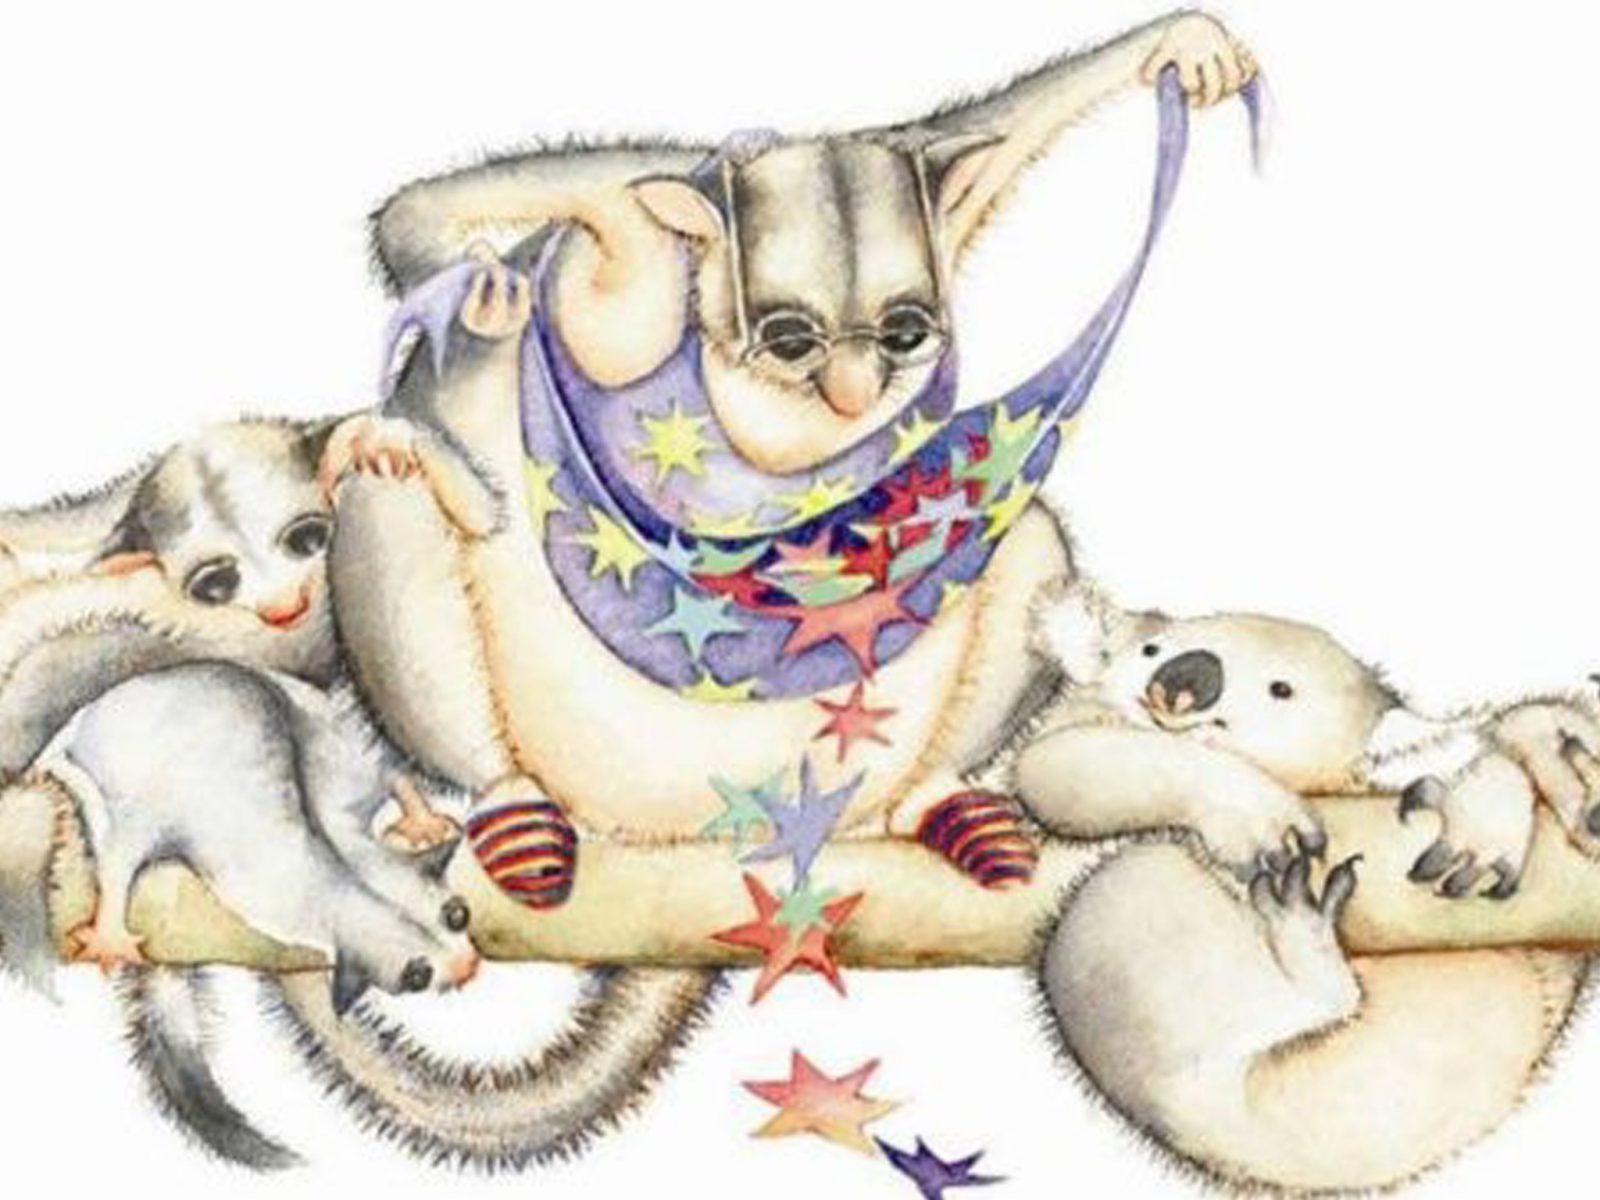 Drawings by Jules Vivas of possums